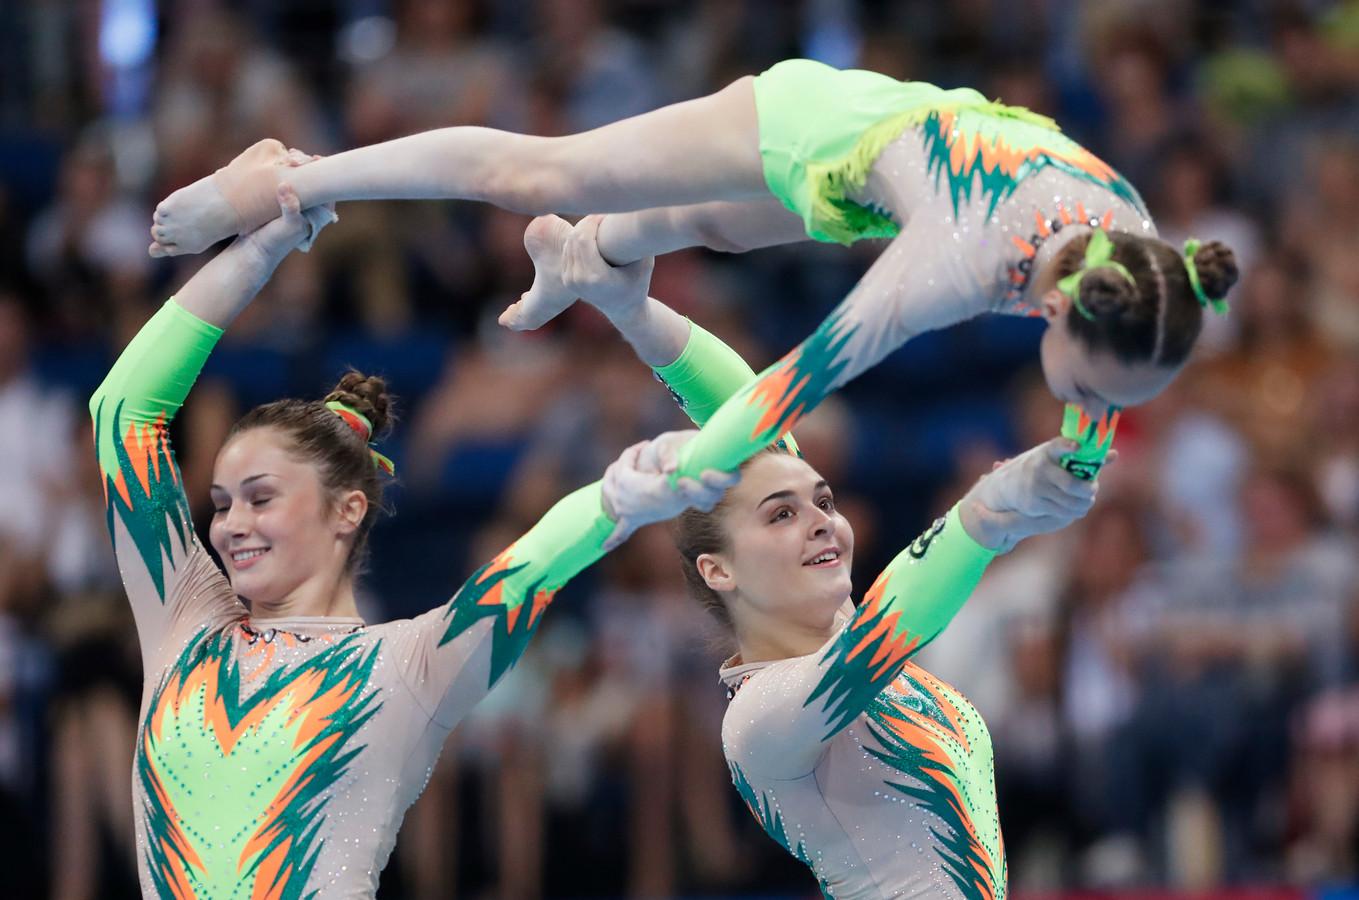 2019 European Games - Acrobatic Gymnastics - Women's Groups All-Around Combined - Minsk Arena, Minsk, Belarus - June 23, 2019.  Belgium's Talia De Troyer, Britt Vanderdonckt and Charlotte Van Royen in action during the finals REUTERS/Vasily Fedosenko